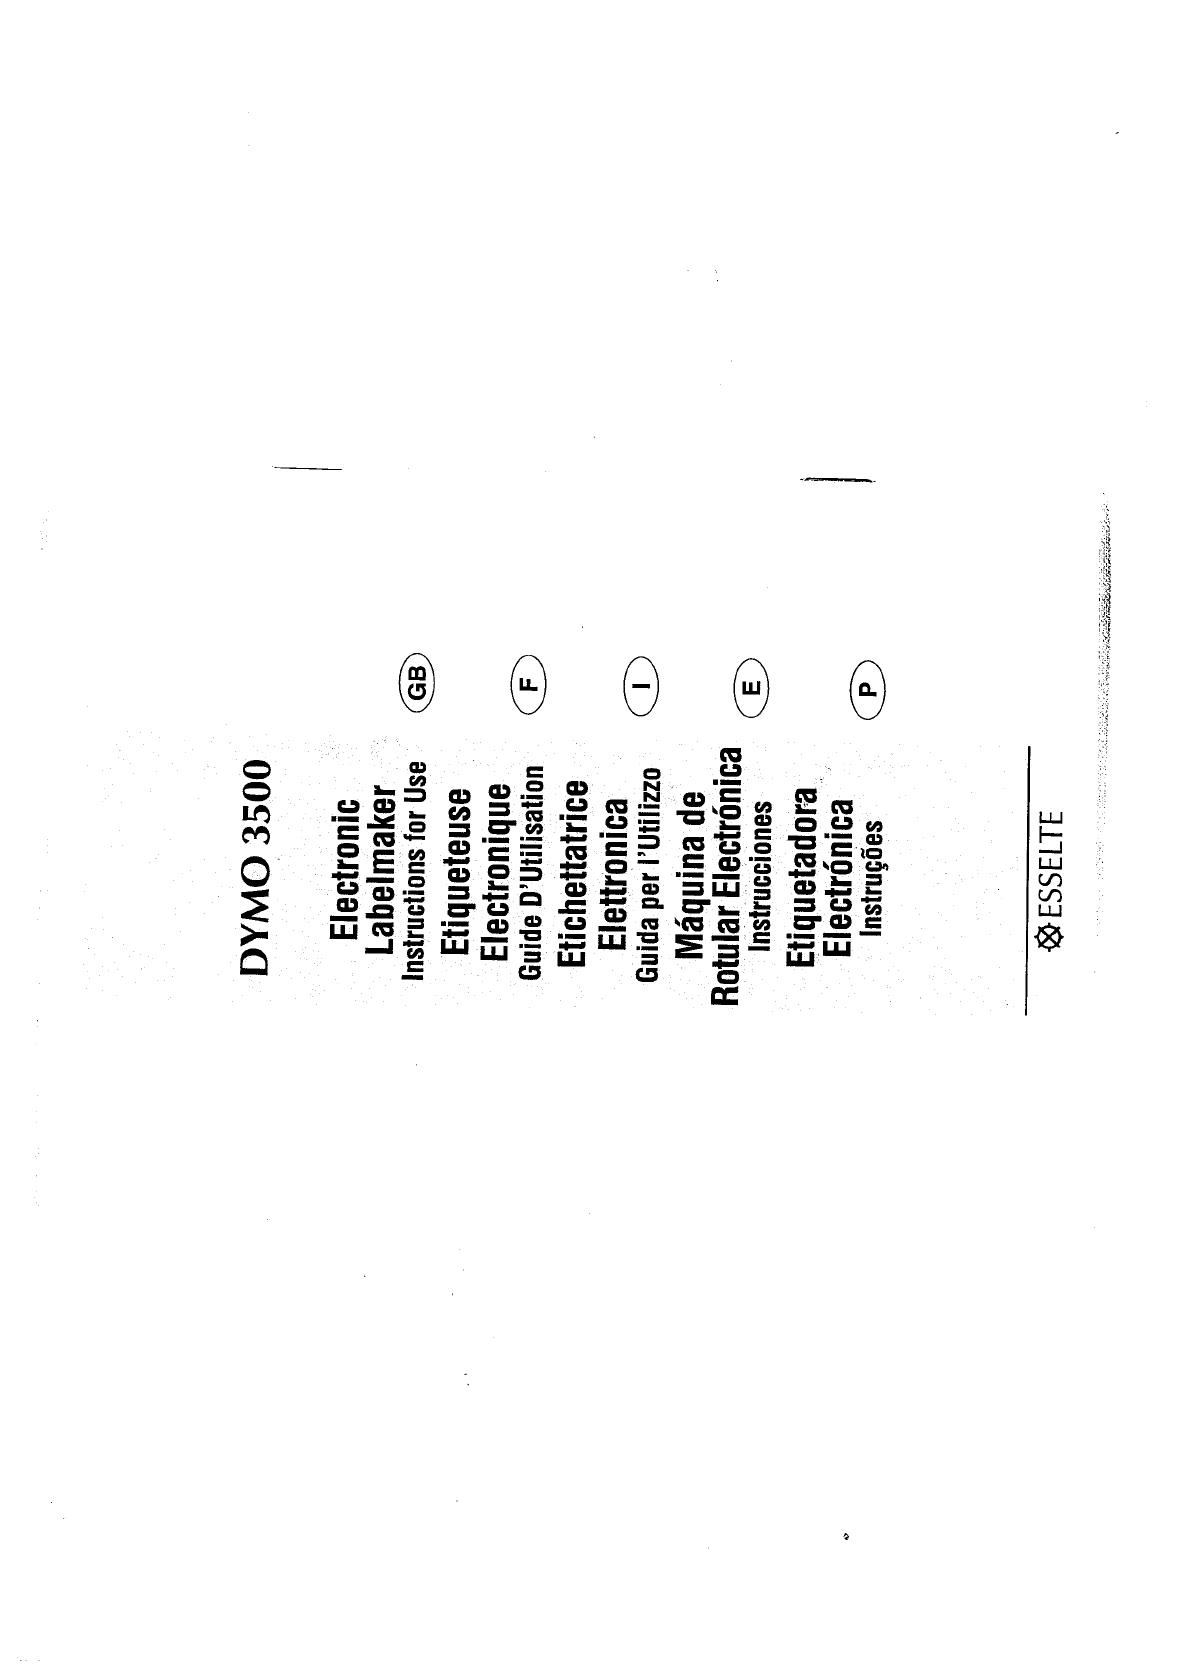 esselte label maker dymo 3500 user guide manualsonline com rh office manualsonline com DYMO Label Maker DYMO Cartridge